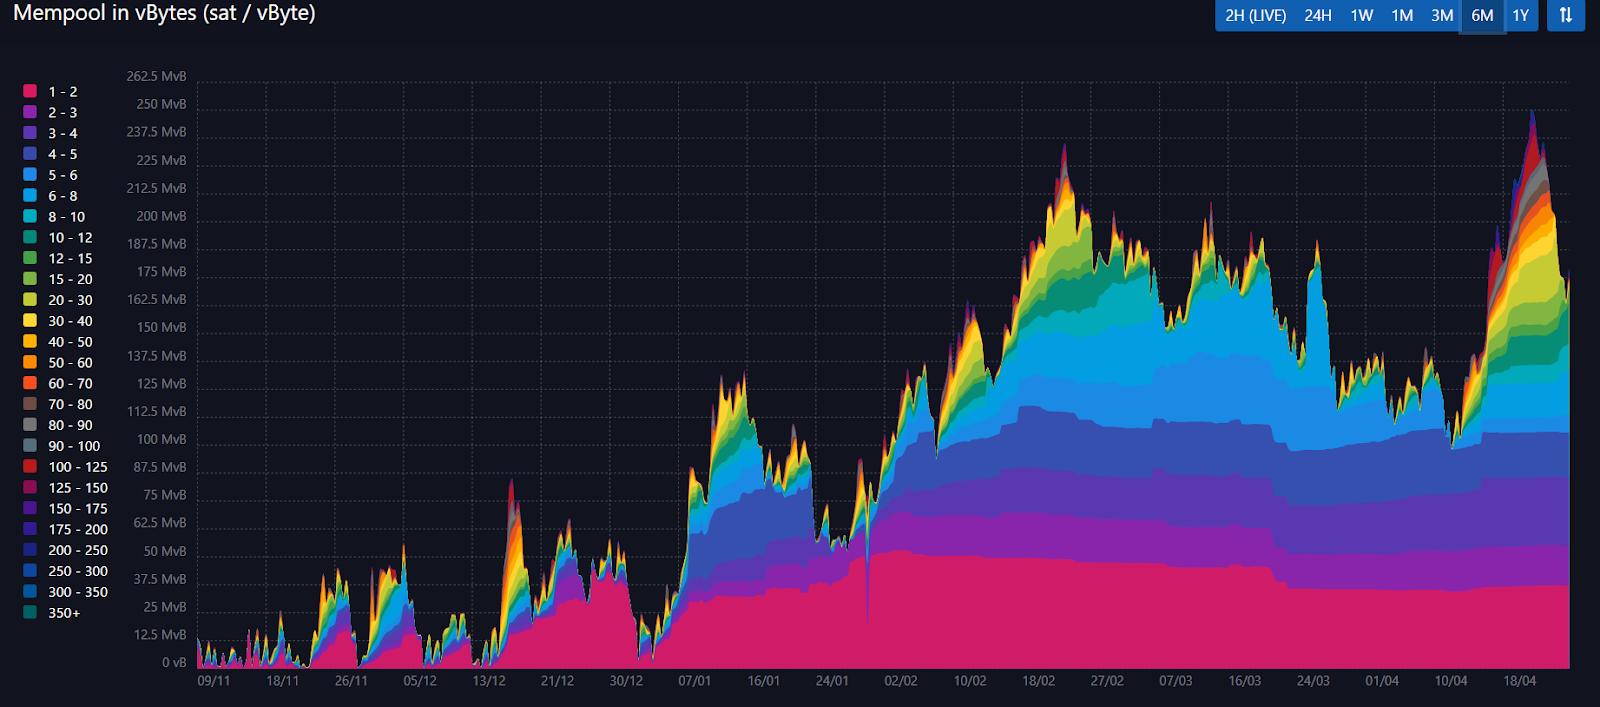 Tồn đọng giao dịch trong mempool của Bitcoin sáu tháng qua - mempool.space